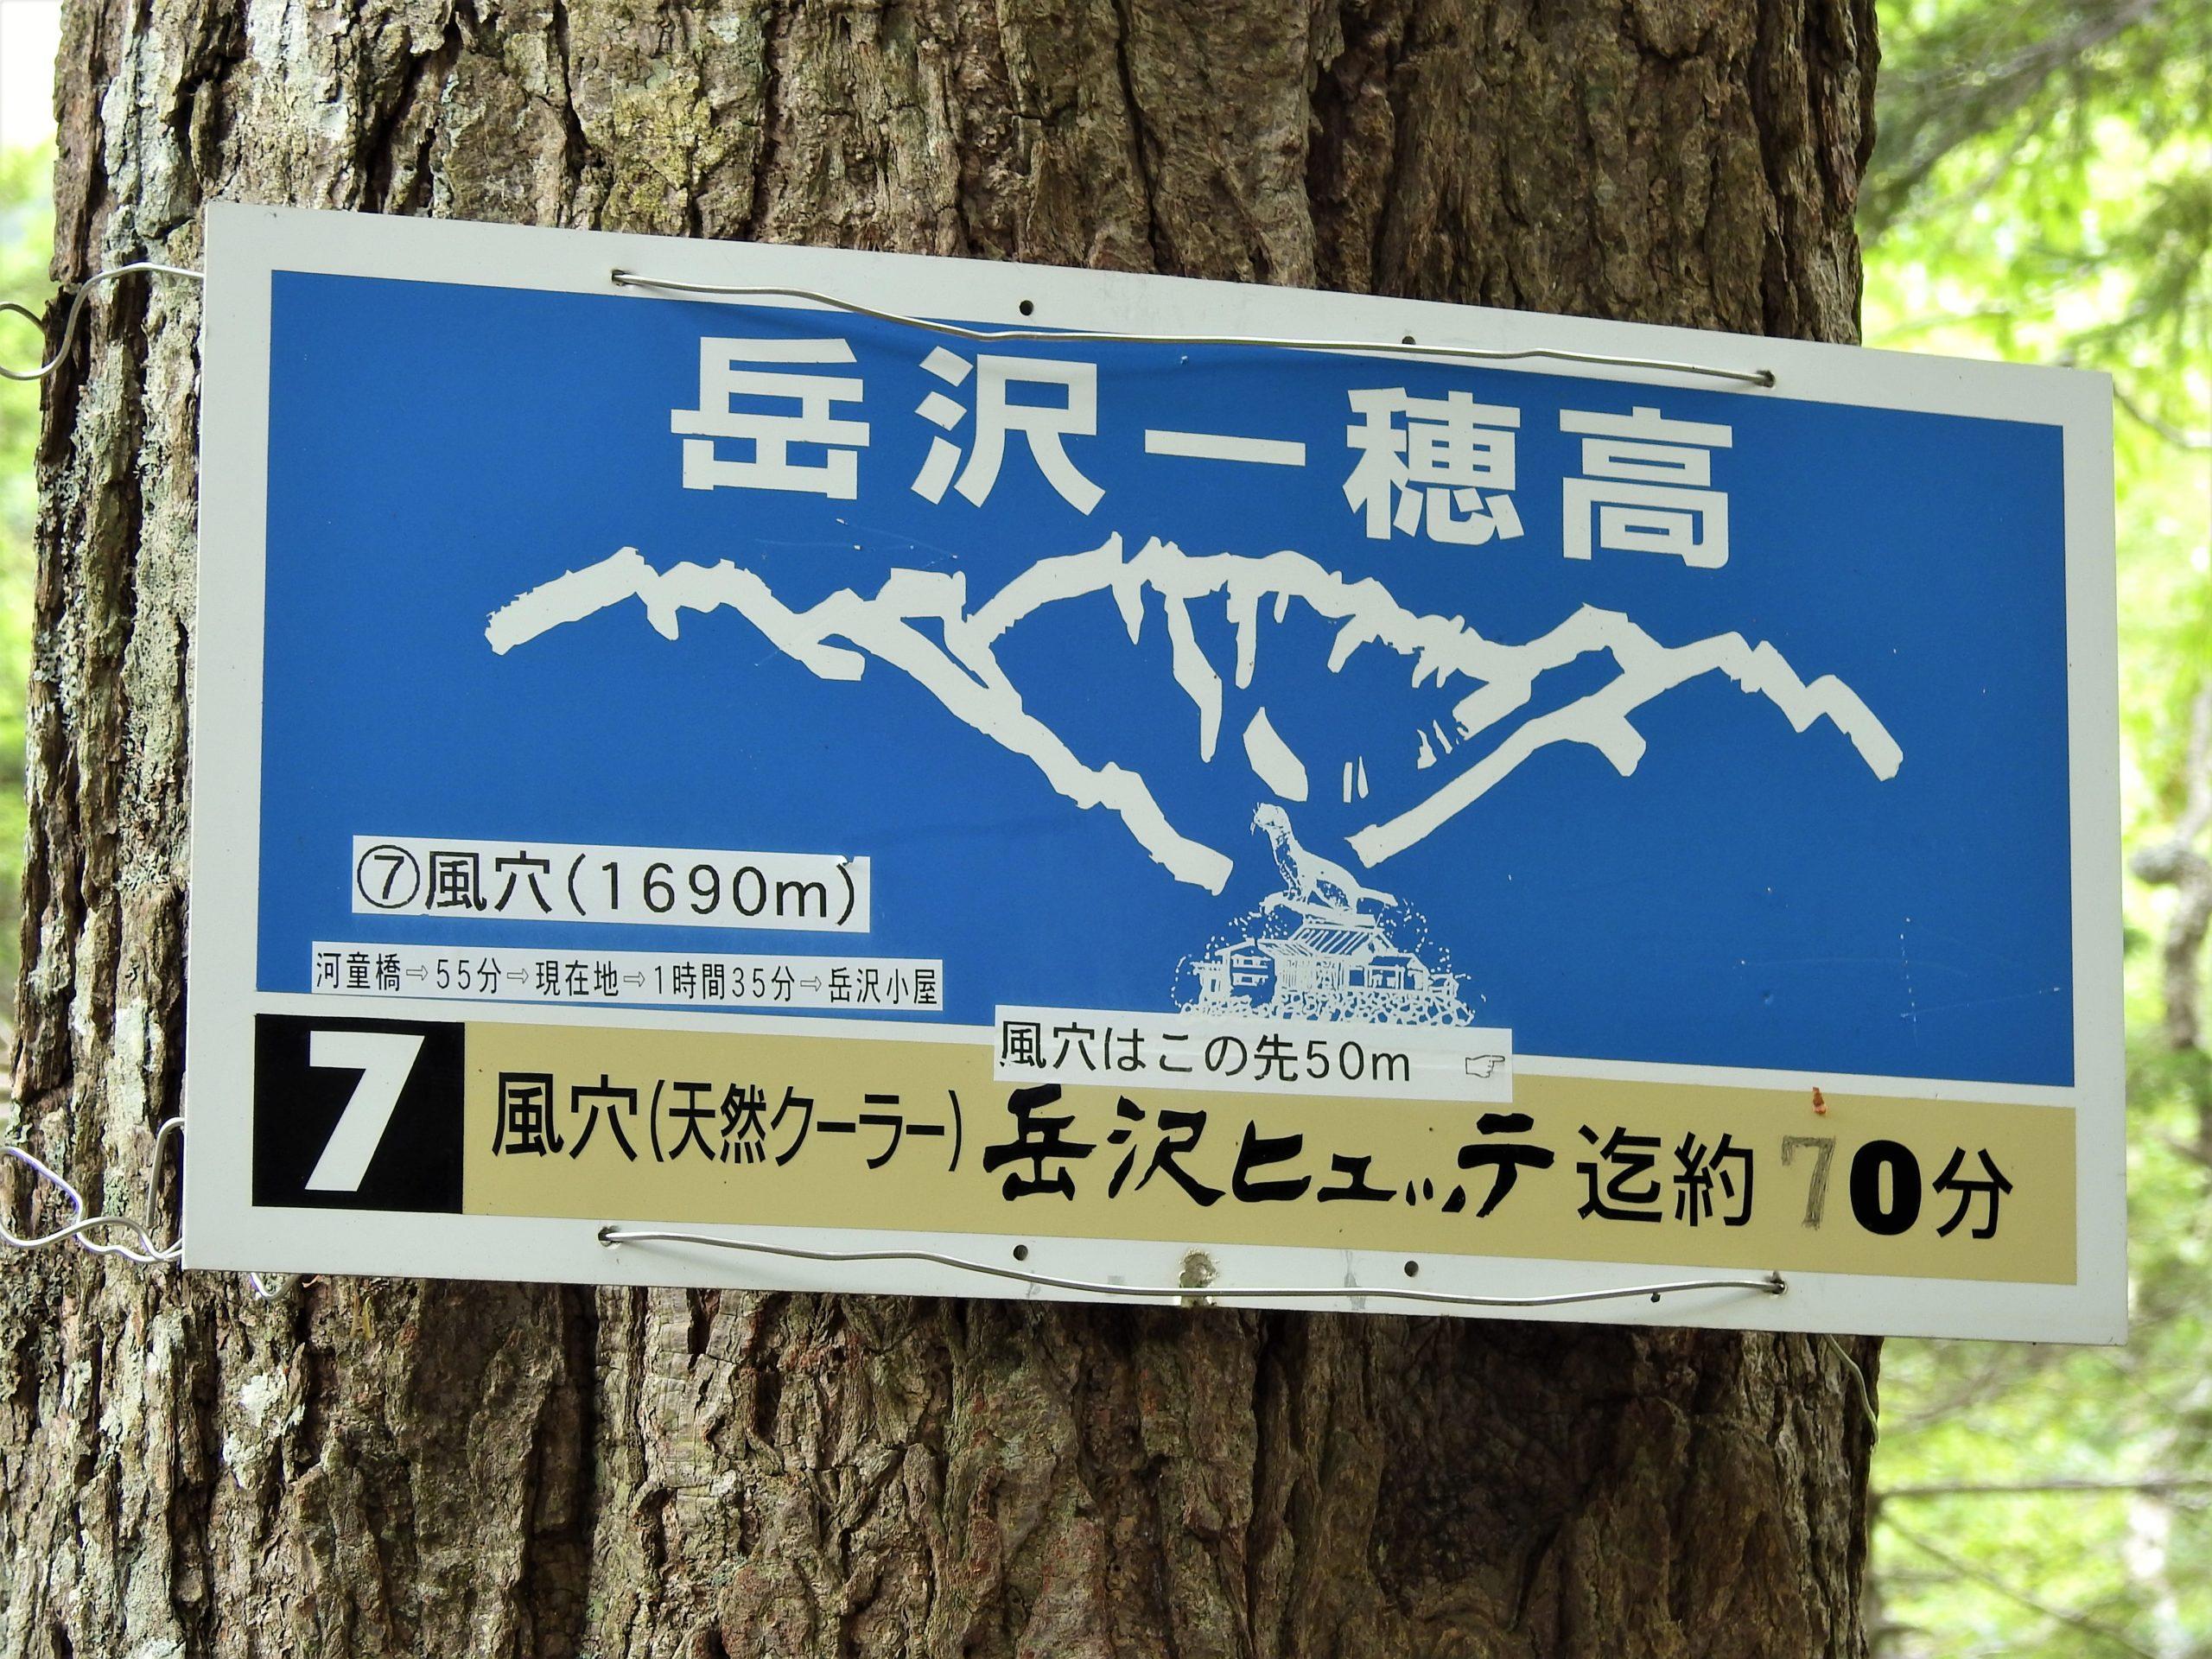 北アルプス 岳沢